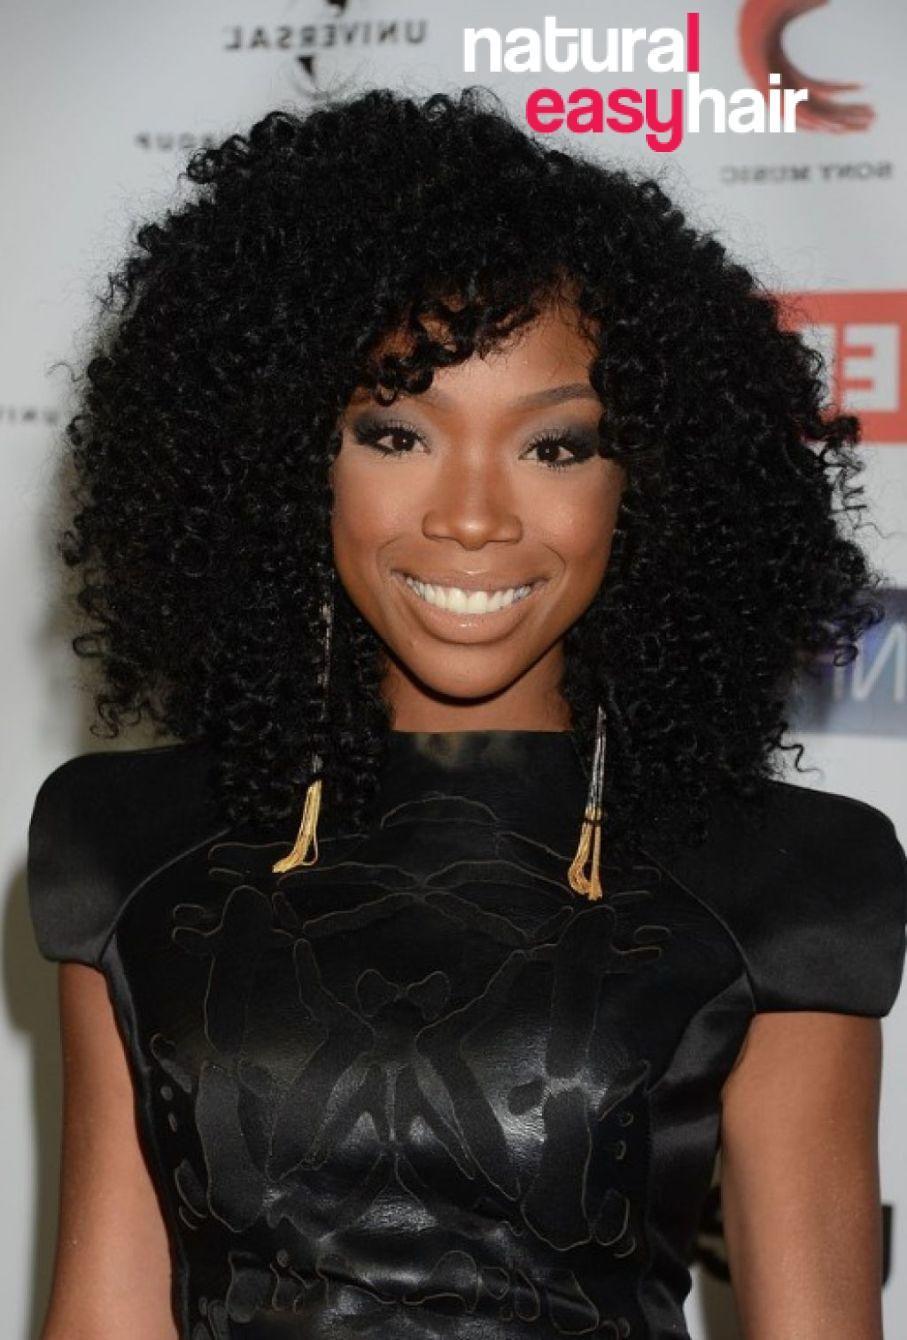 dicht lockige frisur englisch #frisuren #haar  Curly hair styles